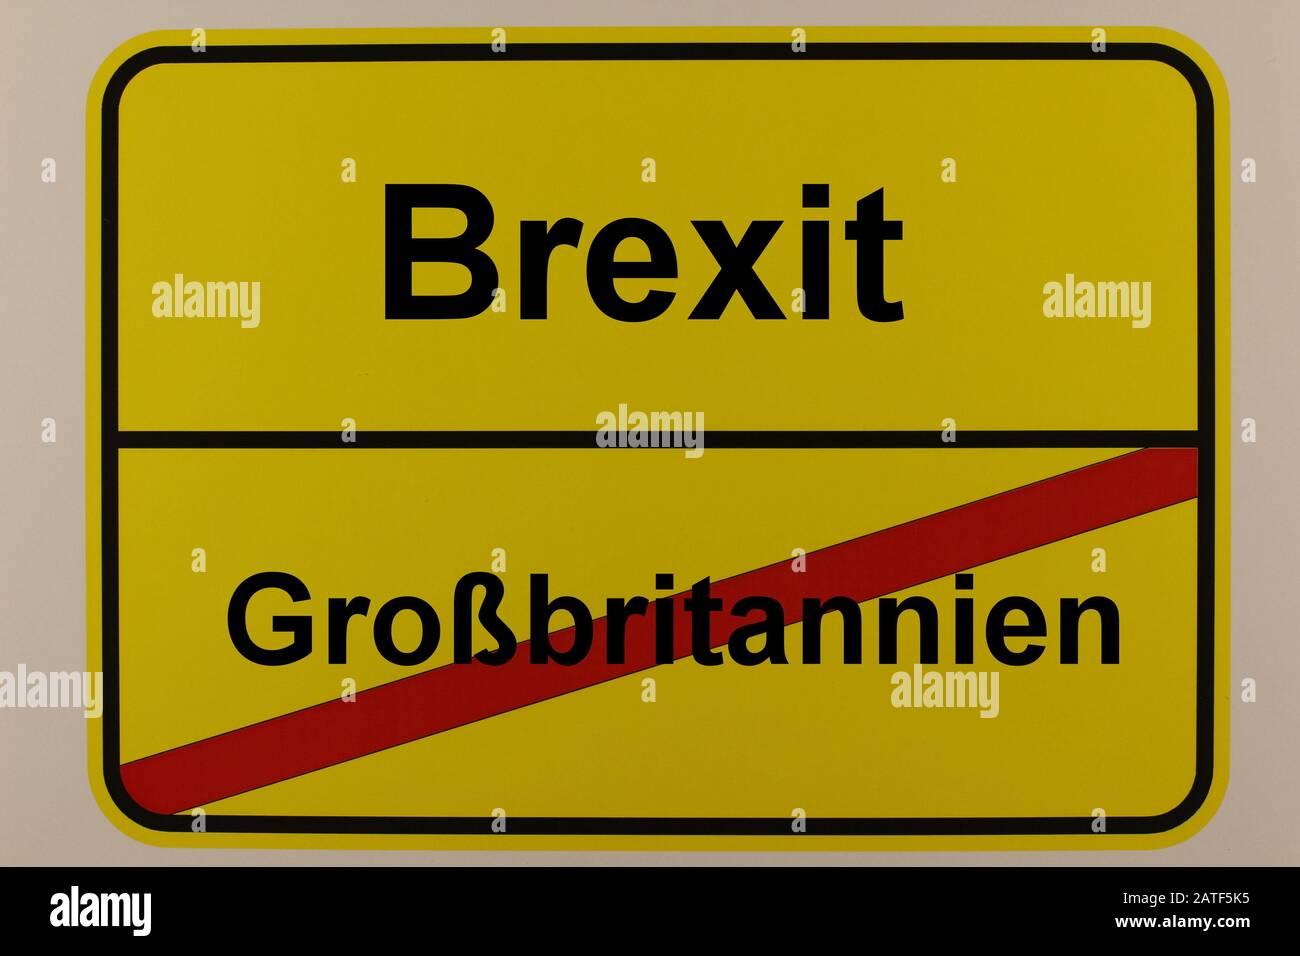 Straßenverkehrszeichen zum Thema EU-Austritt von Großbritannien Stock Photo